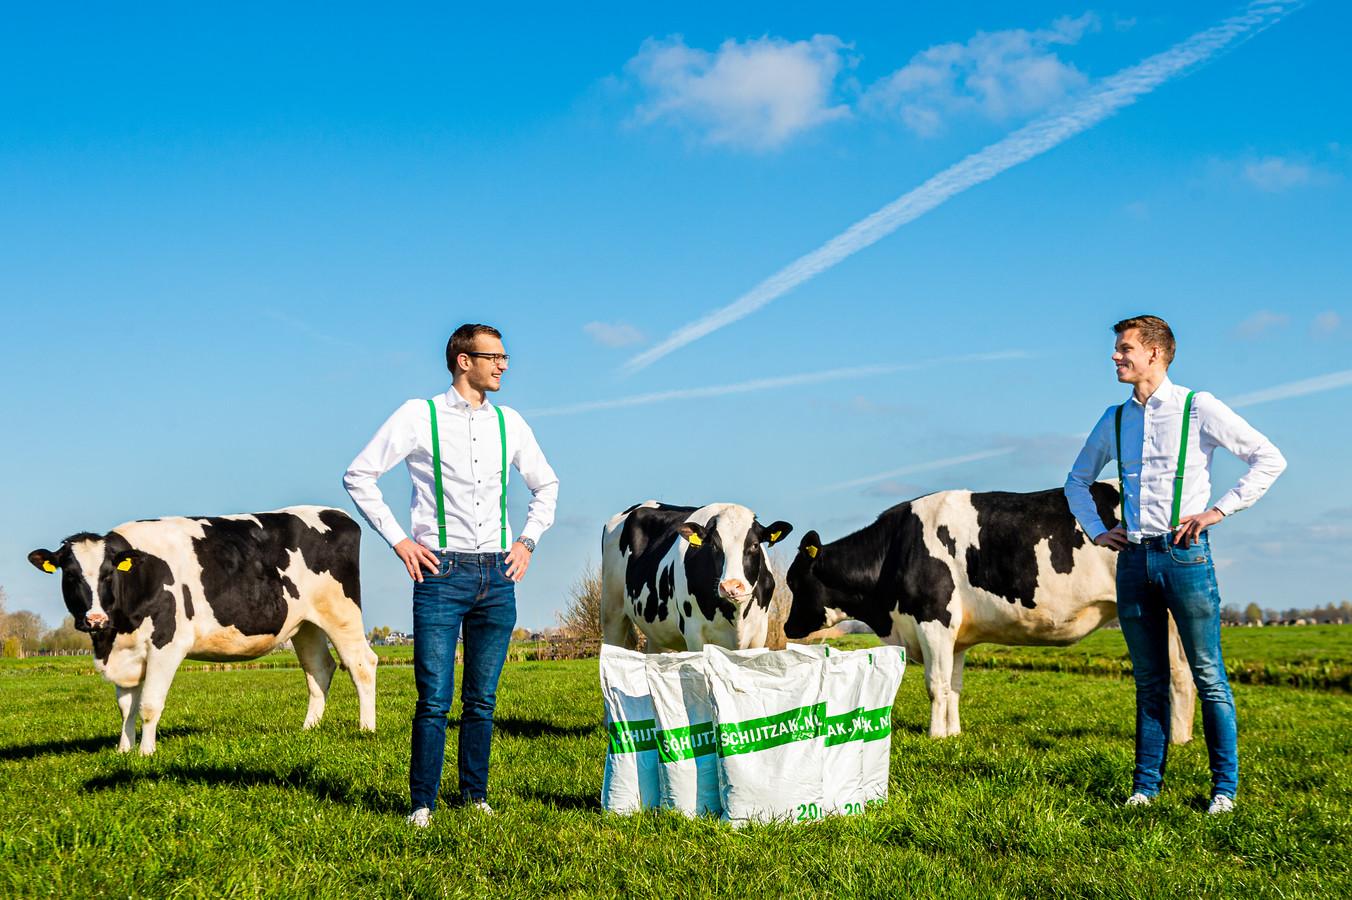 De studerende vrienden Ard-Jan Hoogland (links) en Benjamin Zuidbroek verkopen gedroogde koeienmest in zakken via hun onderneming Schijtzak.nl.